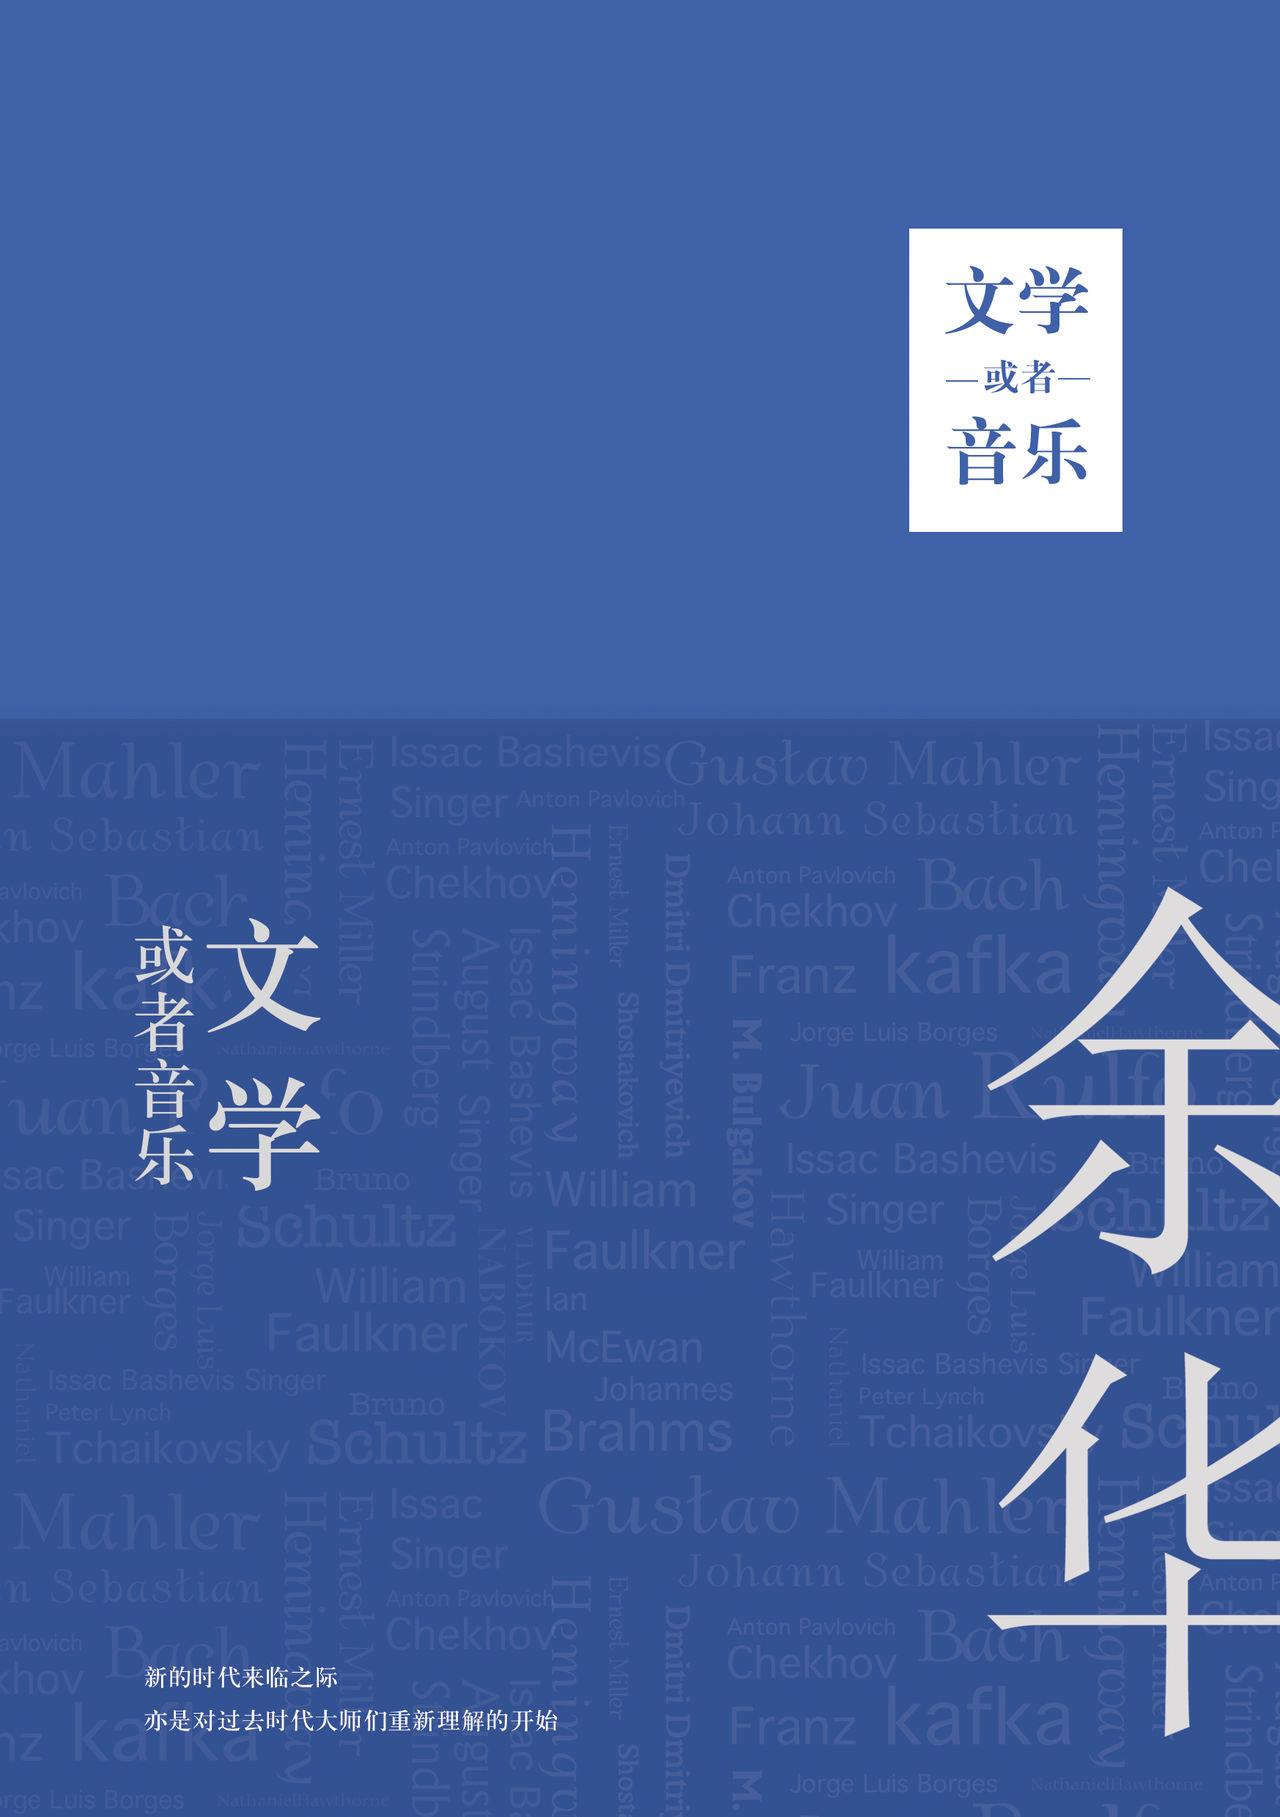 2018年随笔排行榜_2008中国随笔排行榜的编辑推荐